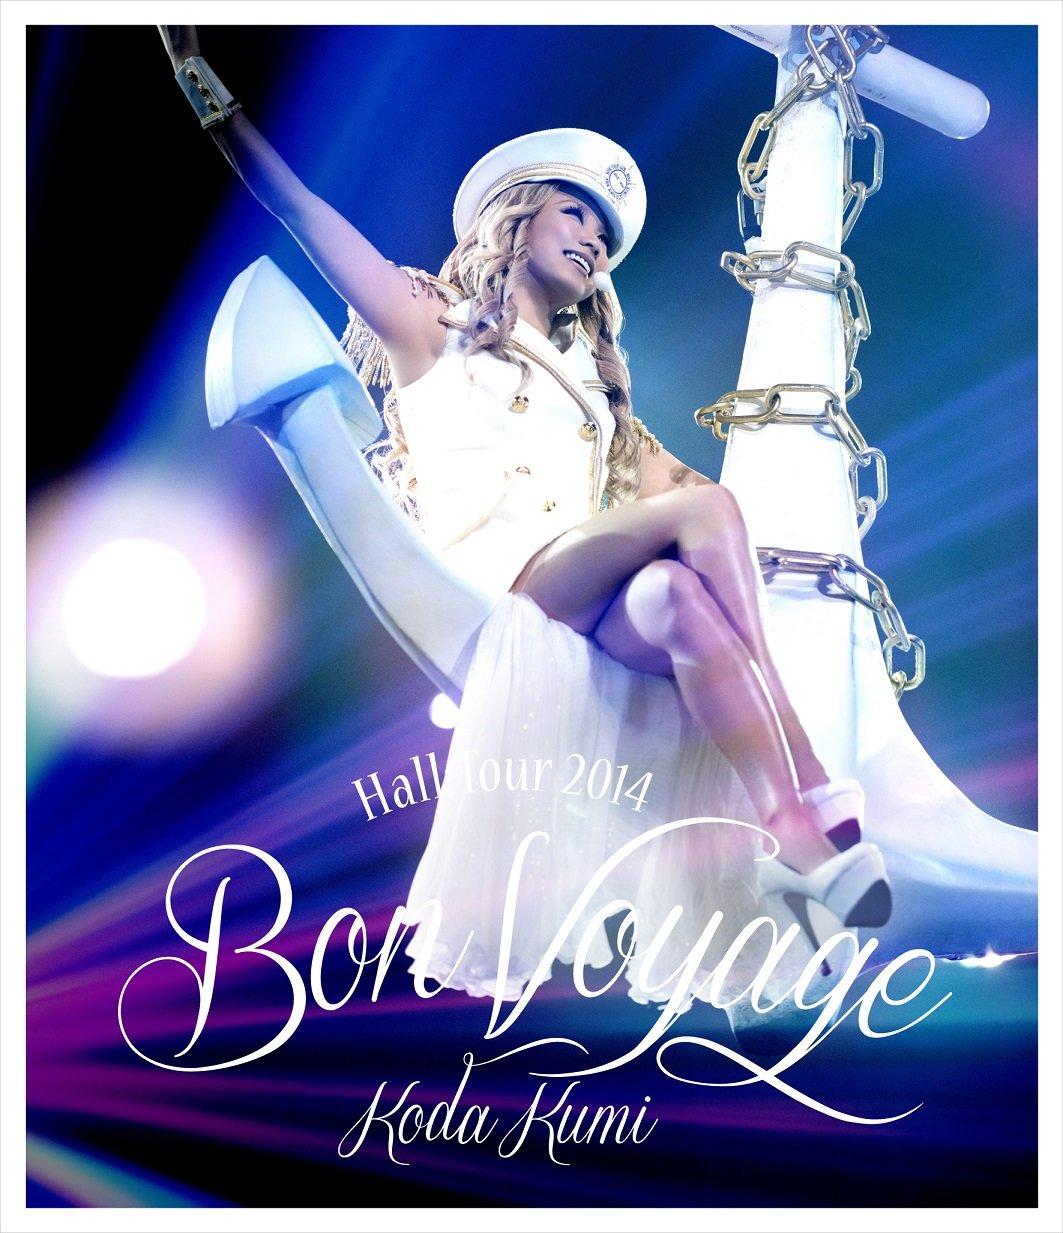 倖田來未 (Koda Kumi) – Koda Kumi Hall Tour 2014 ~Bon Voyage~ (2014) Blu-ray ISO + MKV 1080p